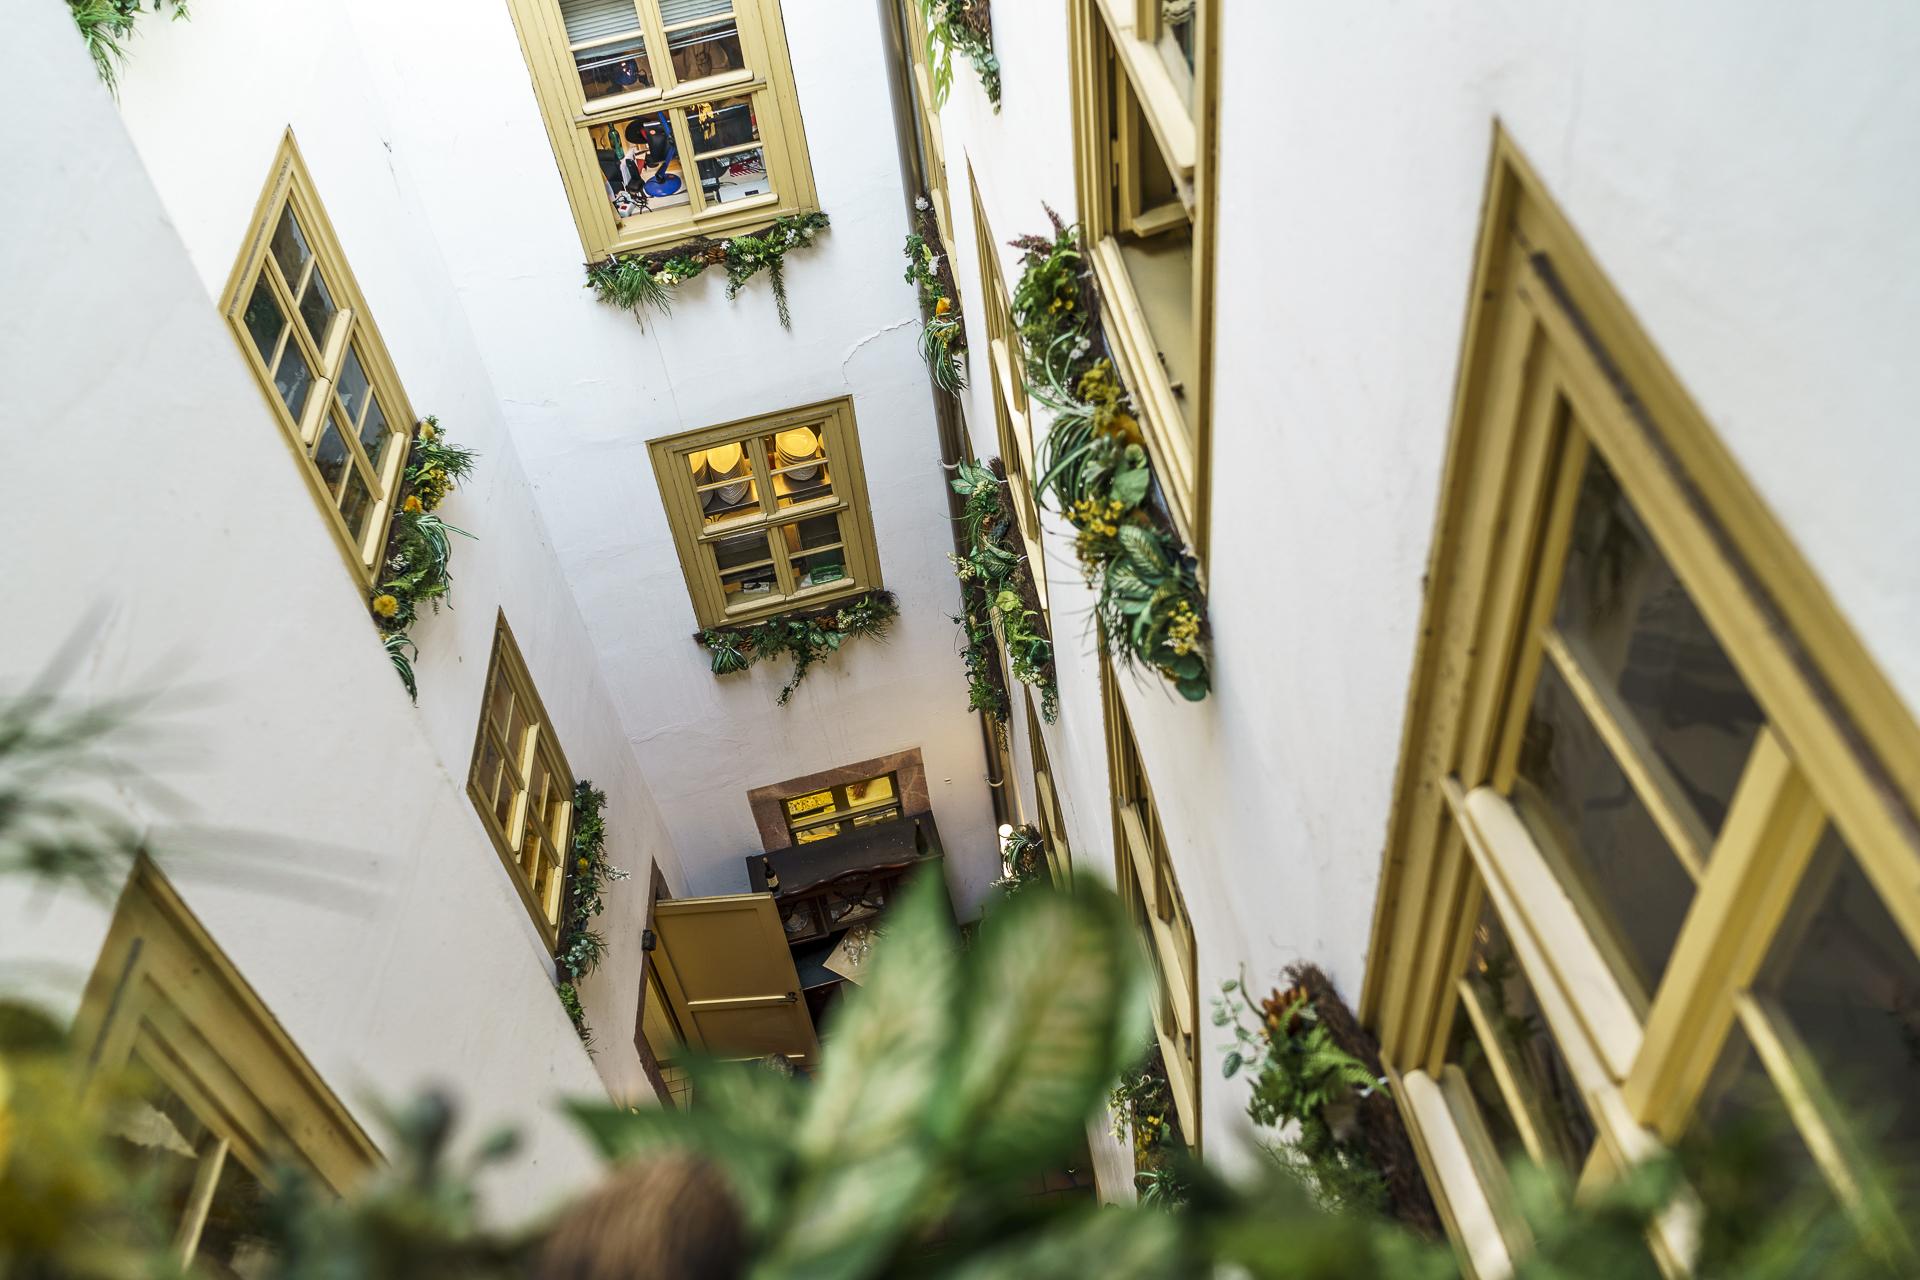 Zum Arabsichen Coffeebaum Innenhof